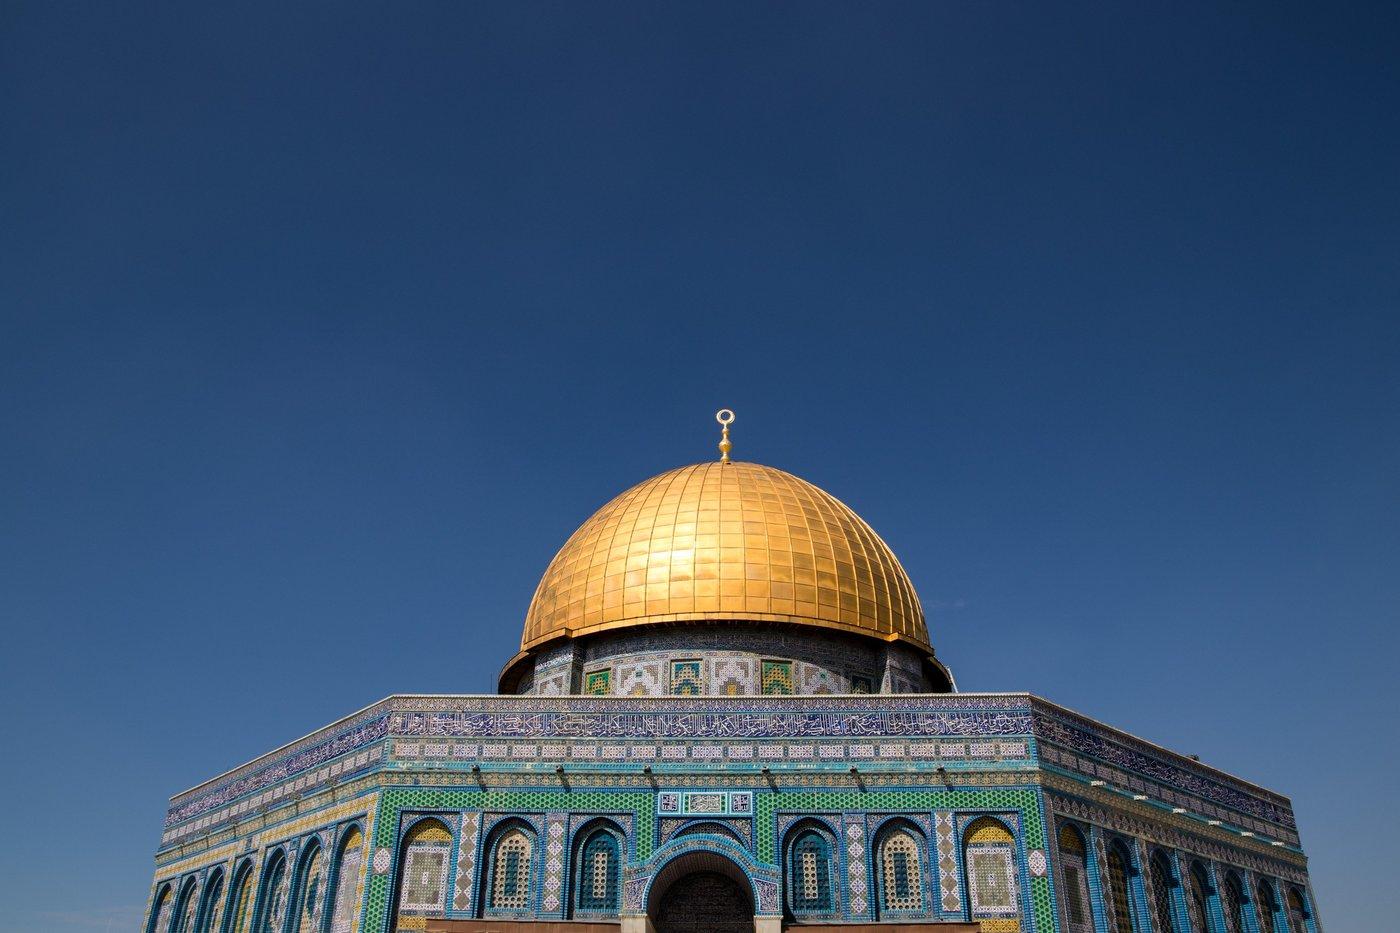 dome-of-the-rock-jerusalem-1659294